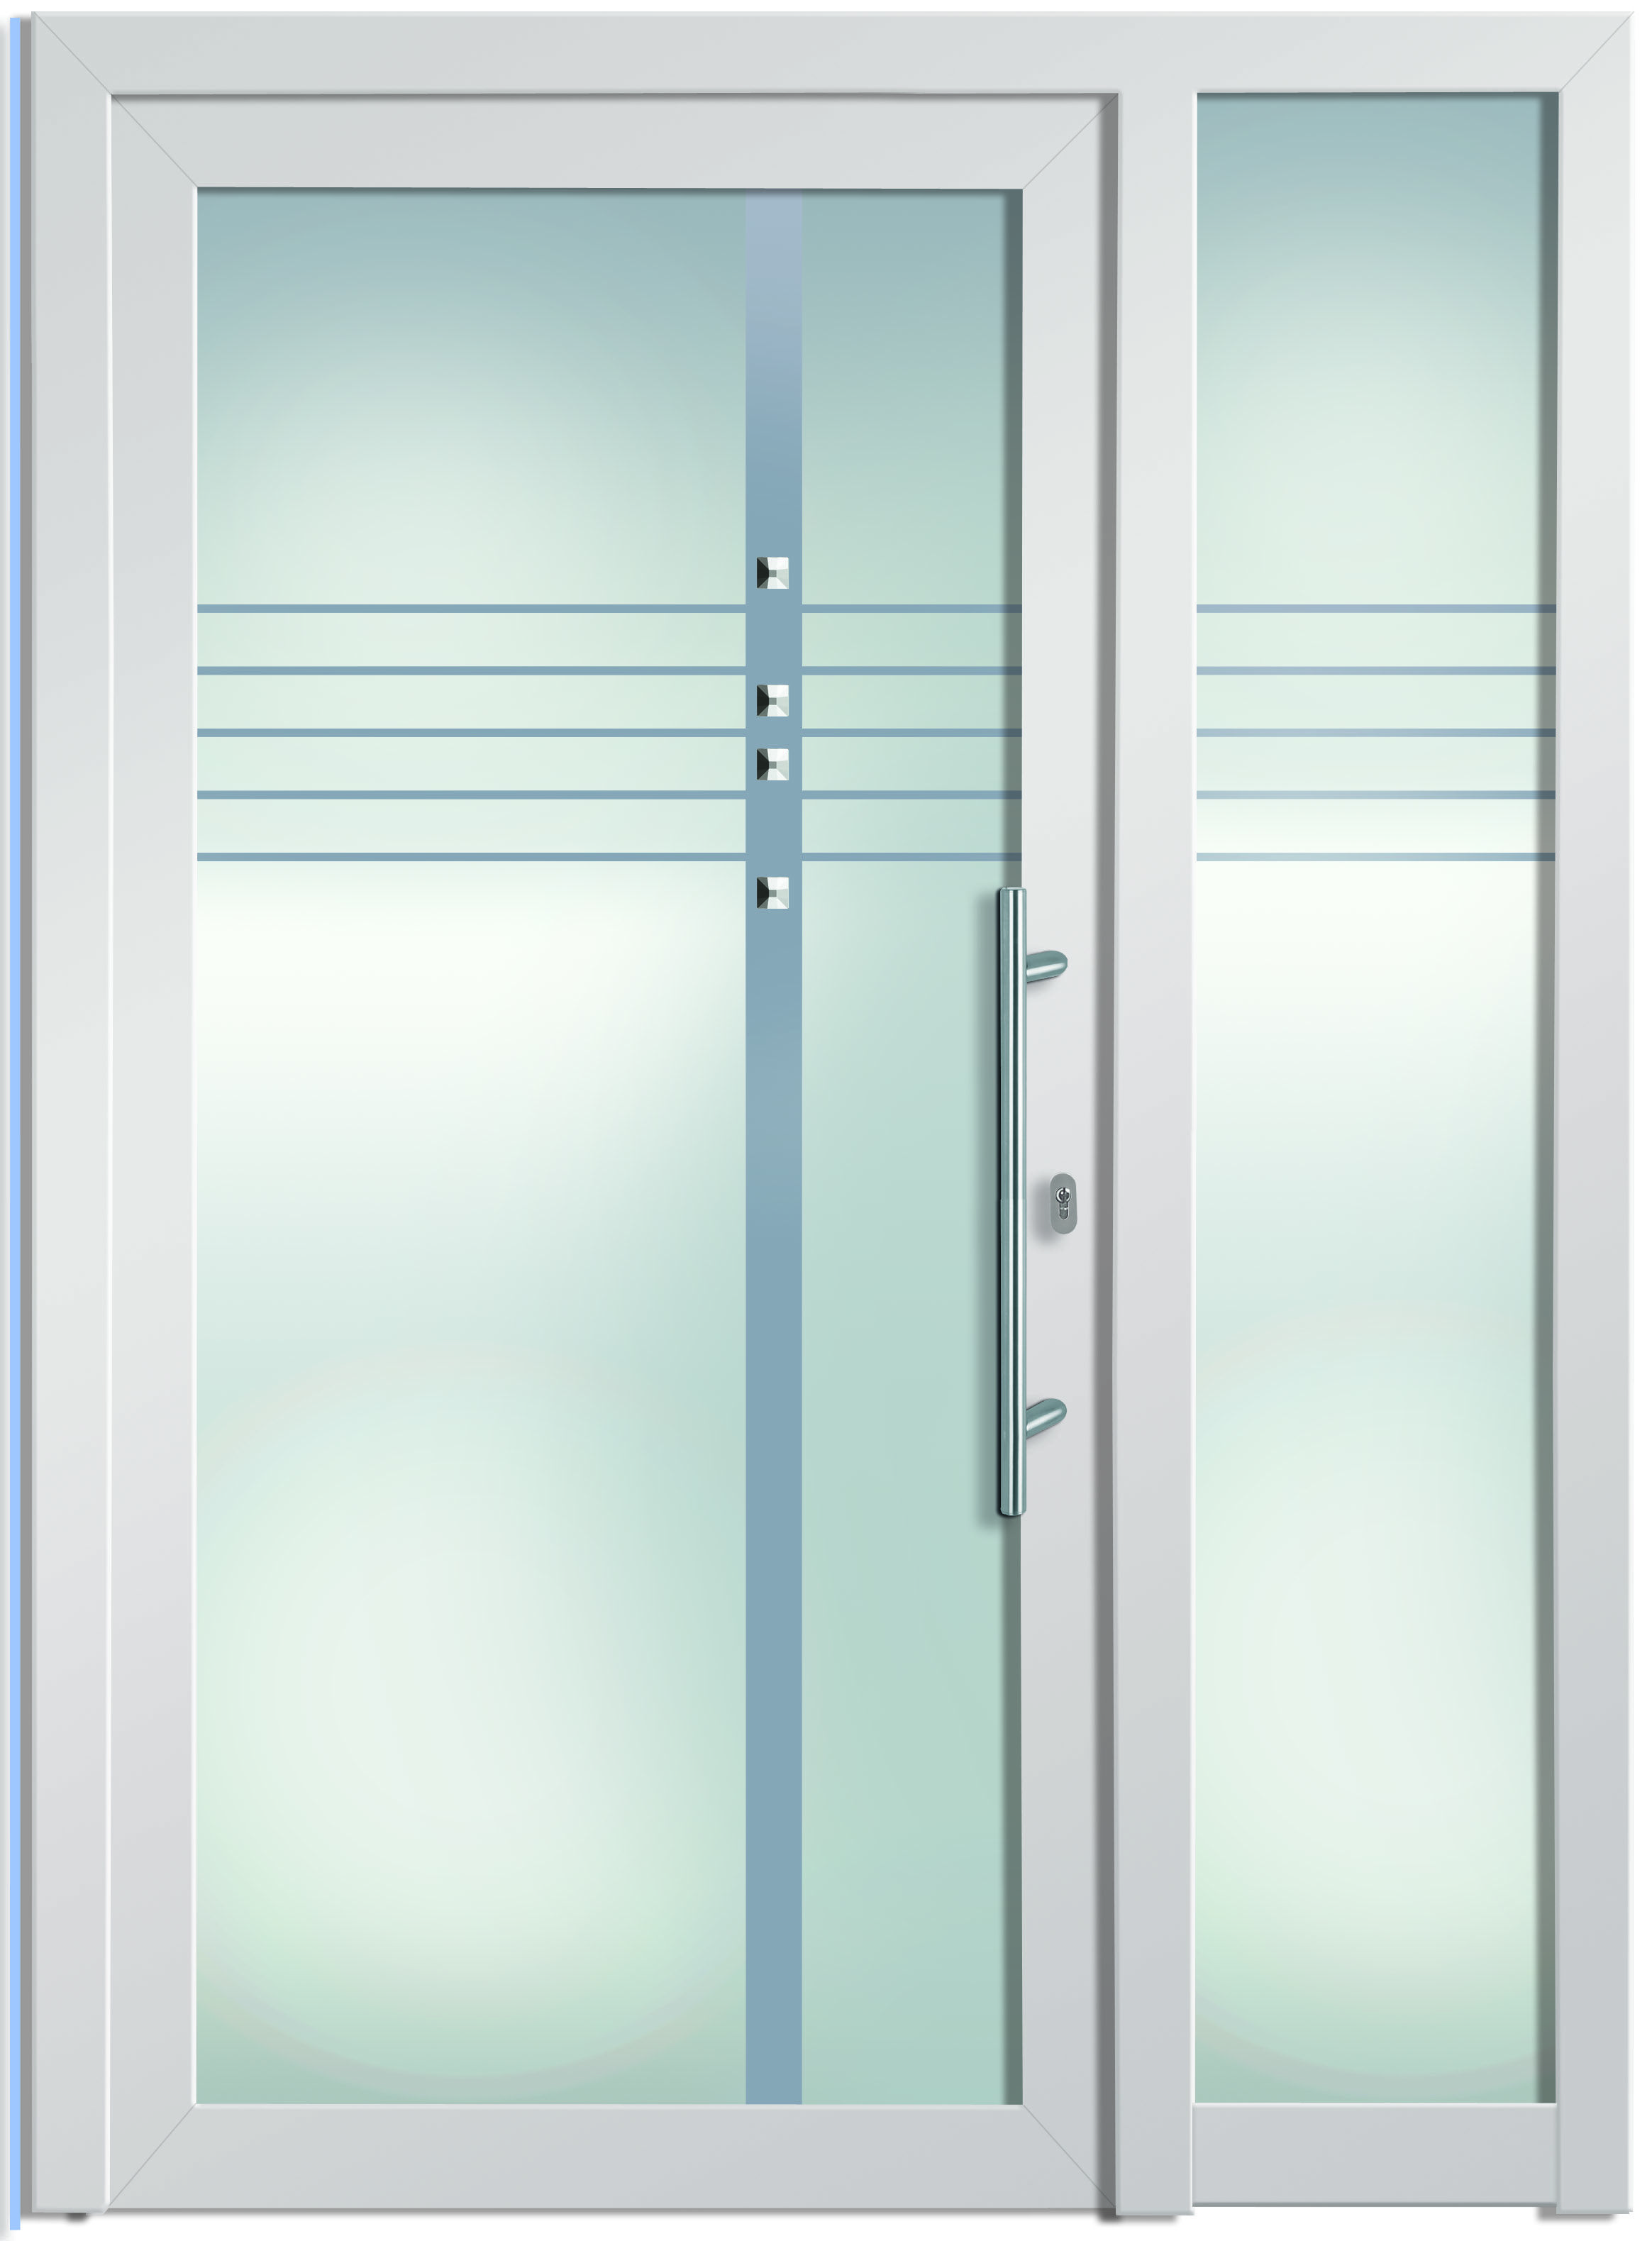 Haustür Kunststoff Weiß Mit Seitenteil Festelement Seitenteil Für